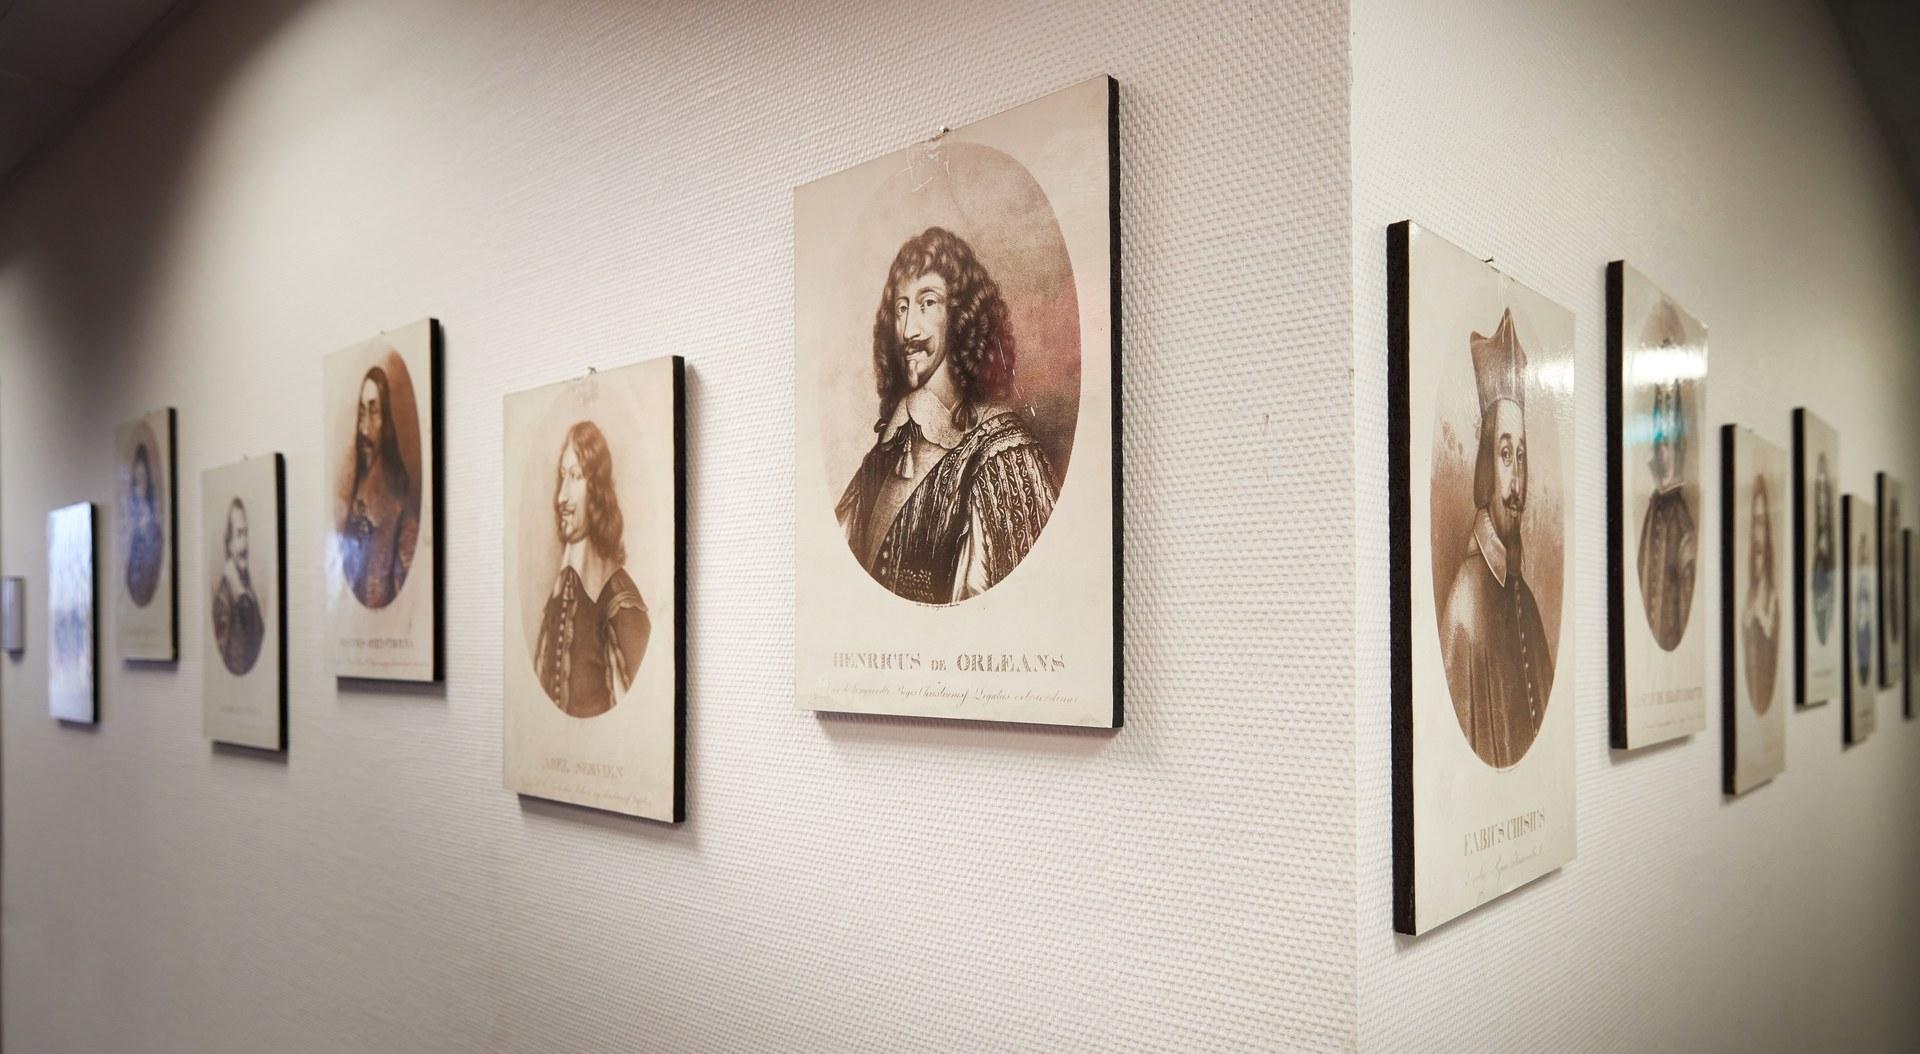 Portraits von Teilnehmern des Westfälischen Friedenskongresses hängen im Flur des ZHF